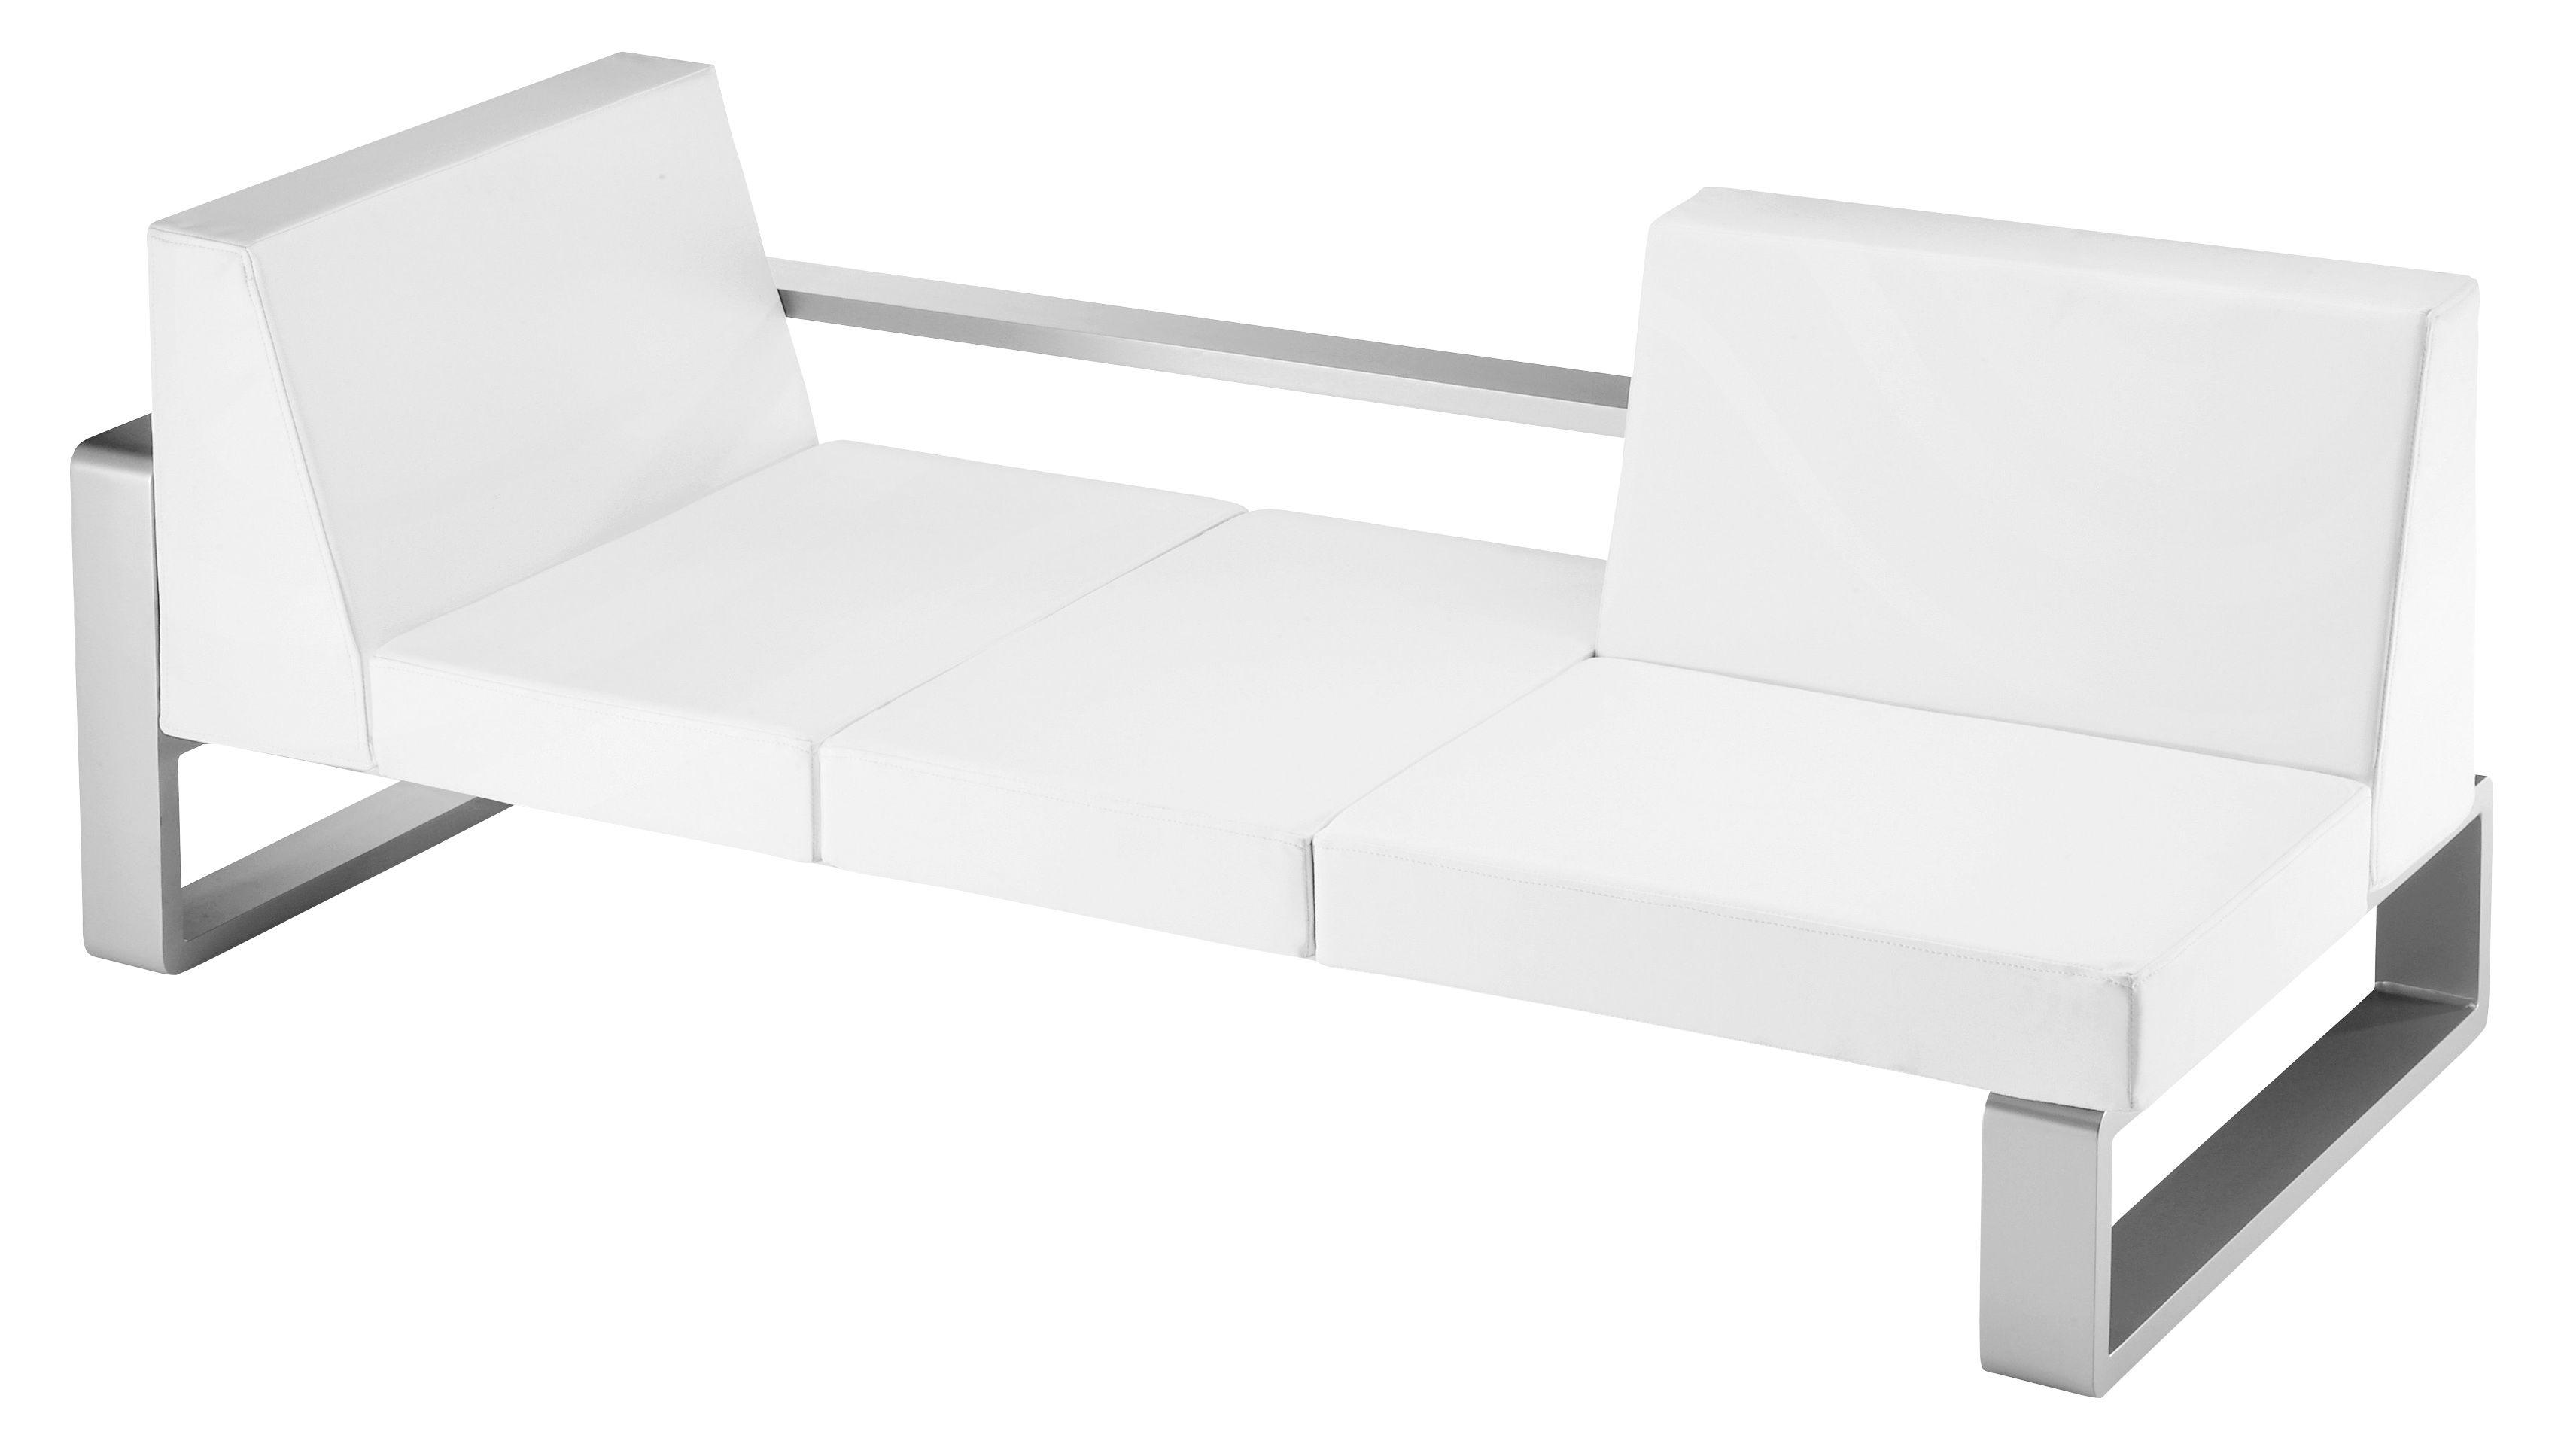 Arredamento - Divani moderni - Divano 3 posti o più Kama - Modulabile di EGO Paris - Vinile bianco / Struttura argento - Alluminio laccato, Vinile